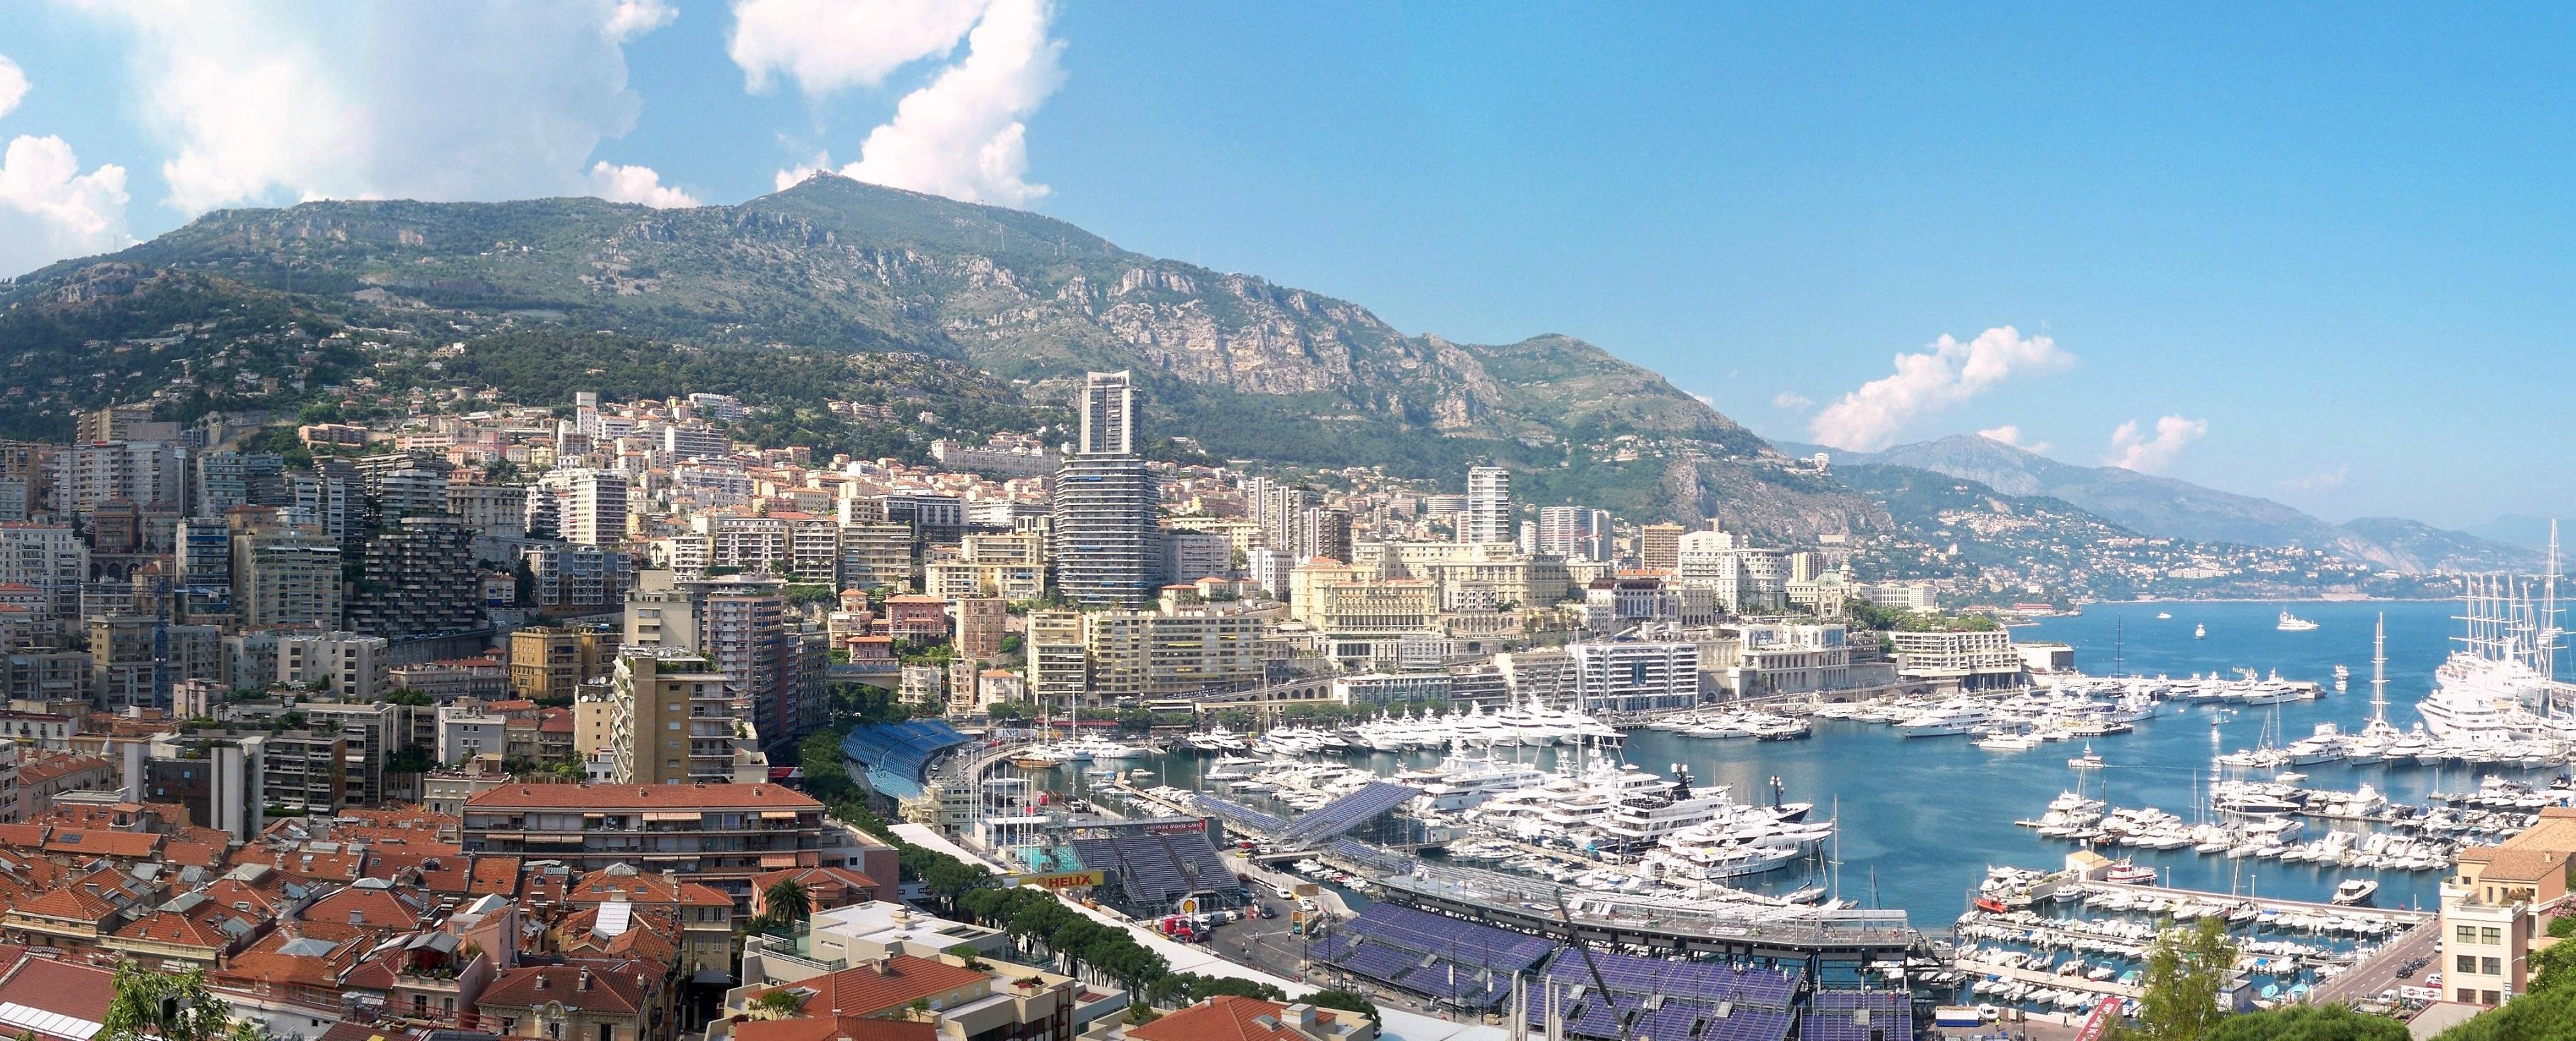 Monte Carlo Computer Wallpaper